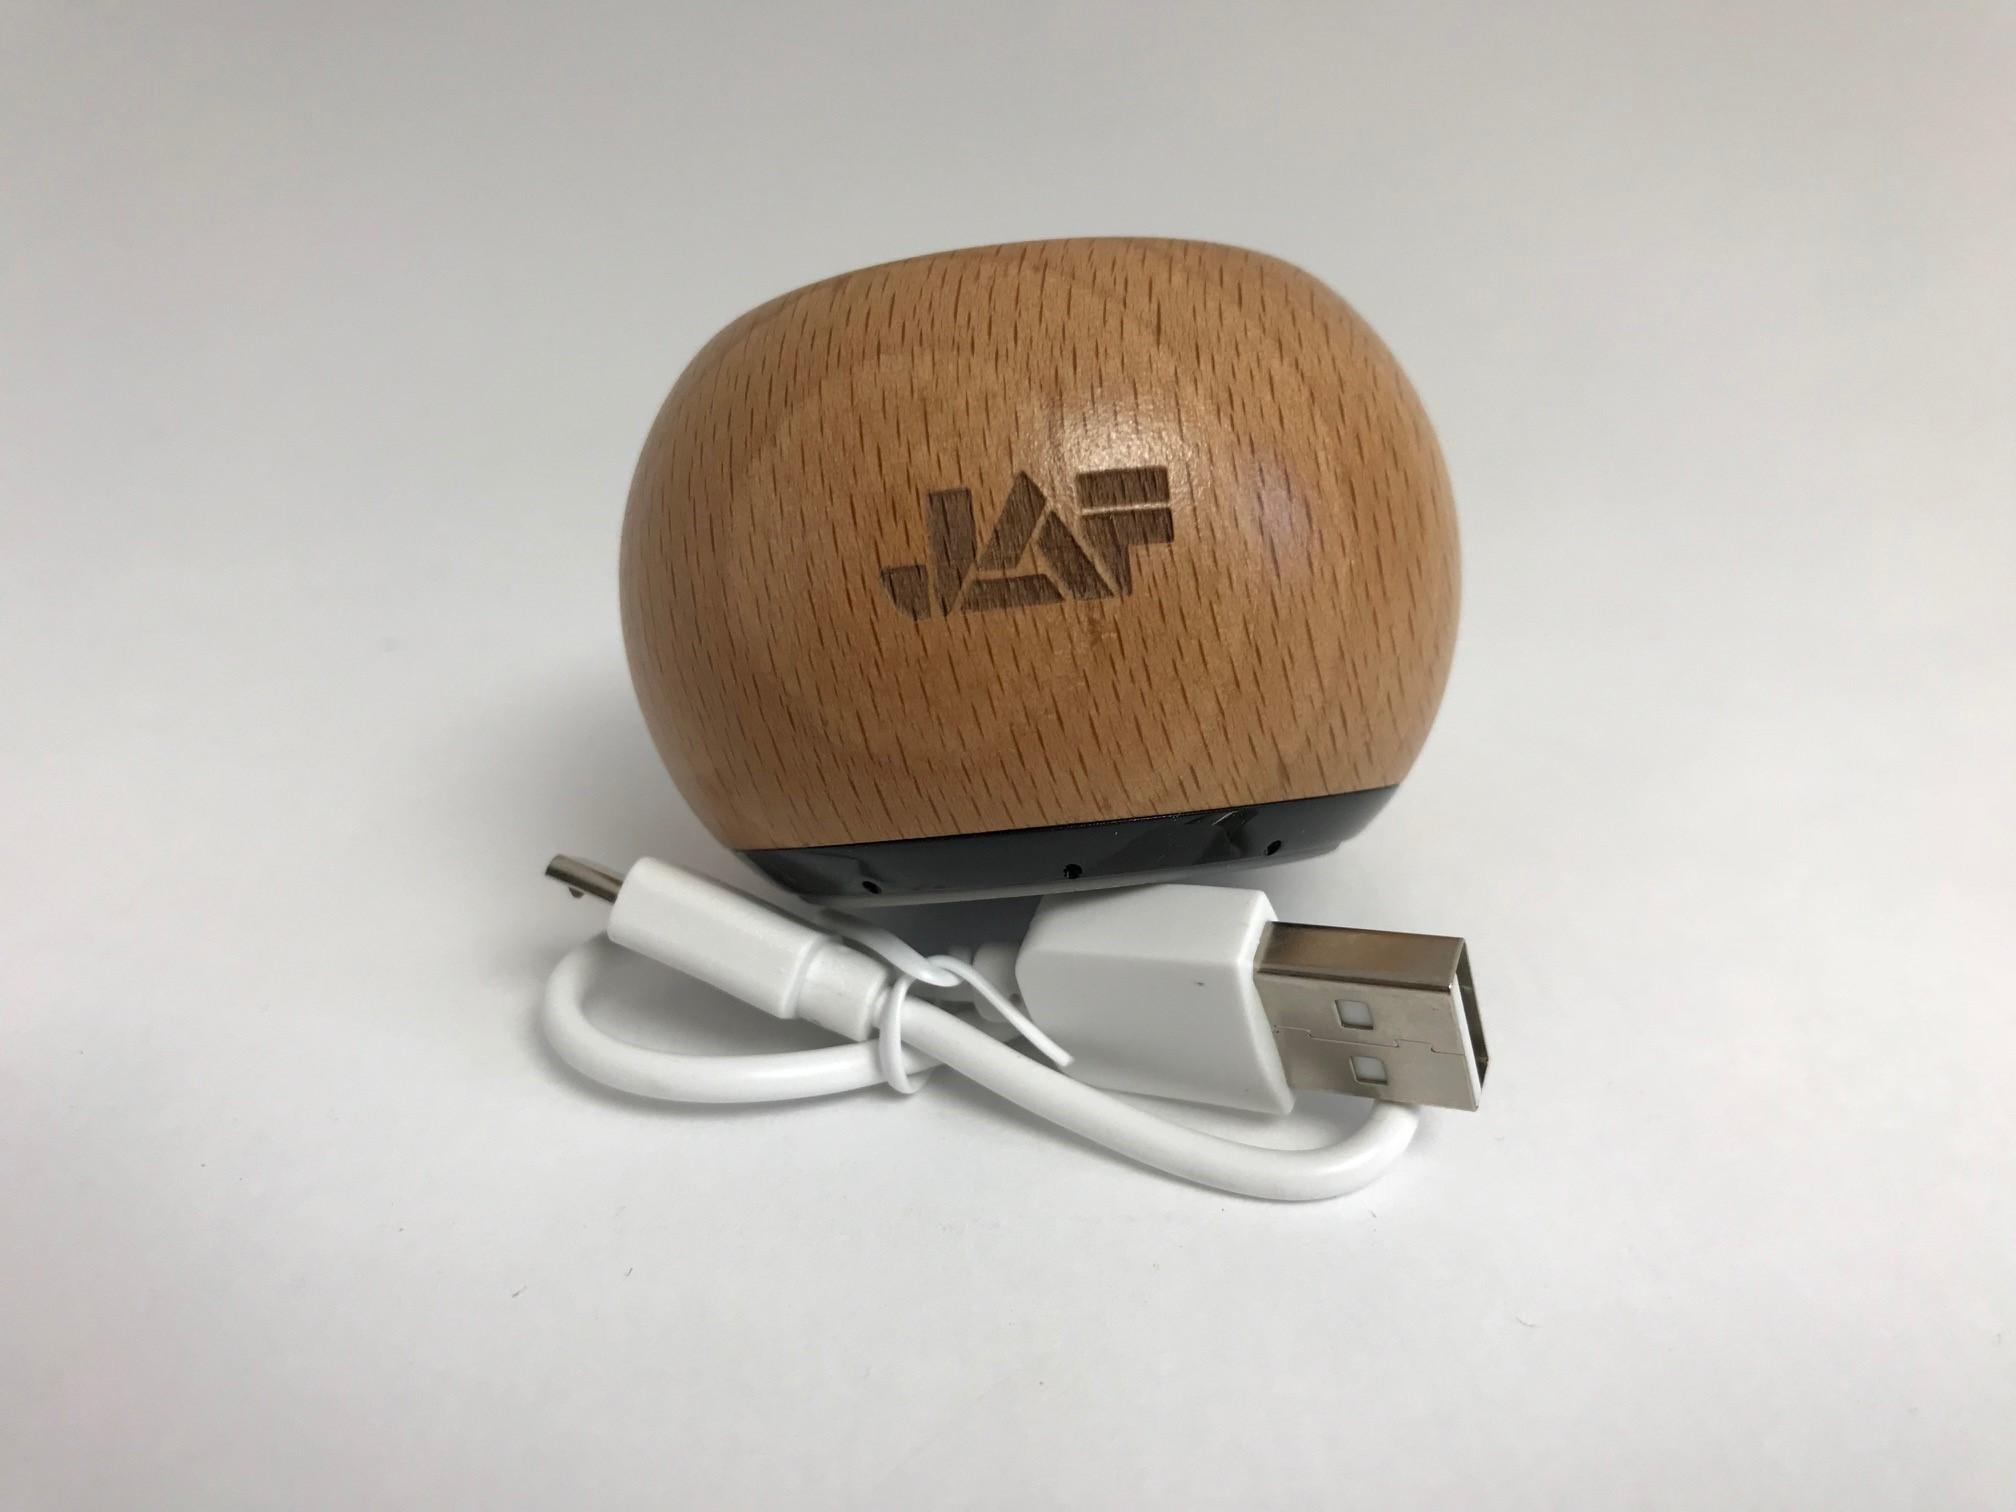 Der Lautsprecher aus Holz - so klein & schon so laut...